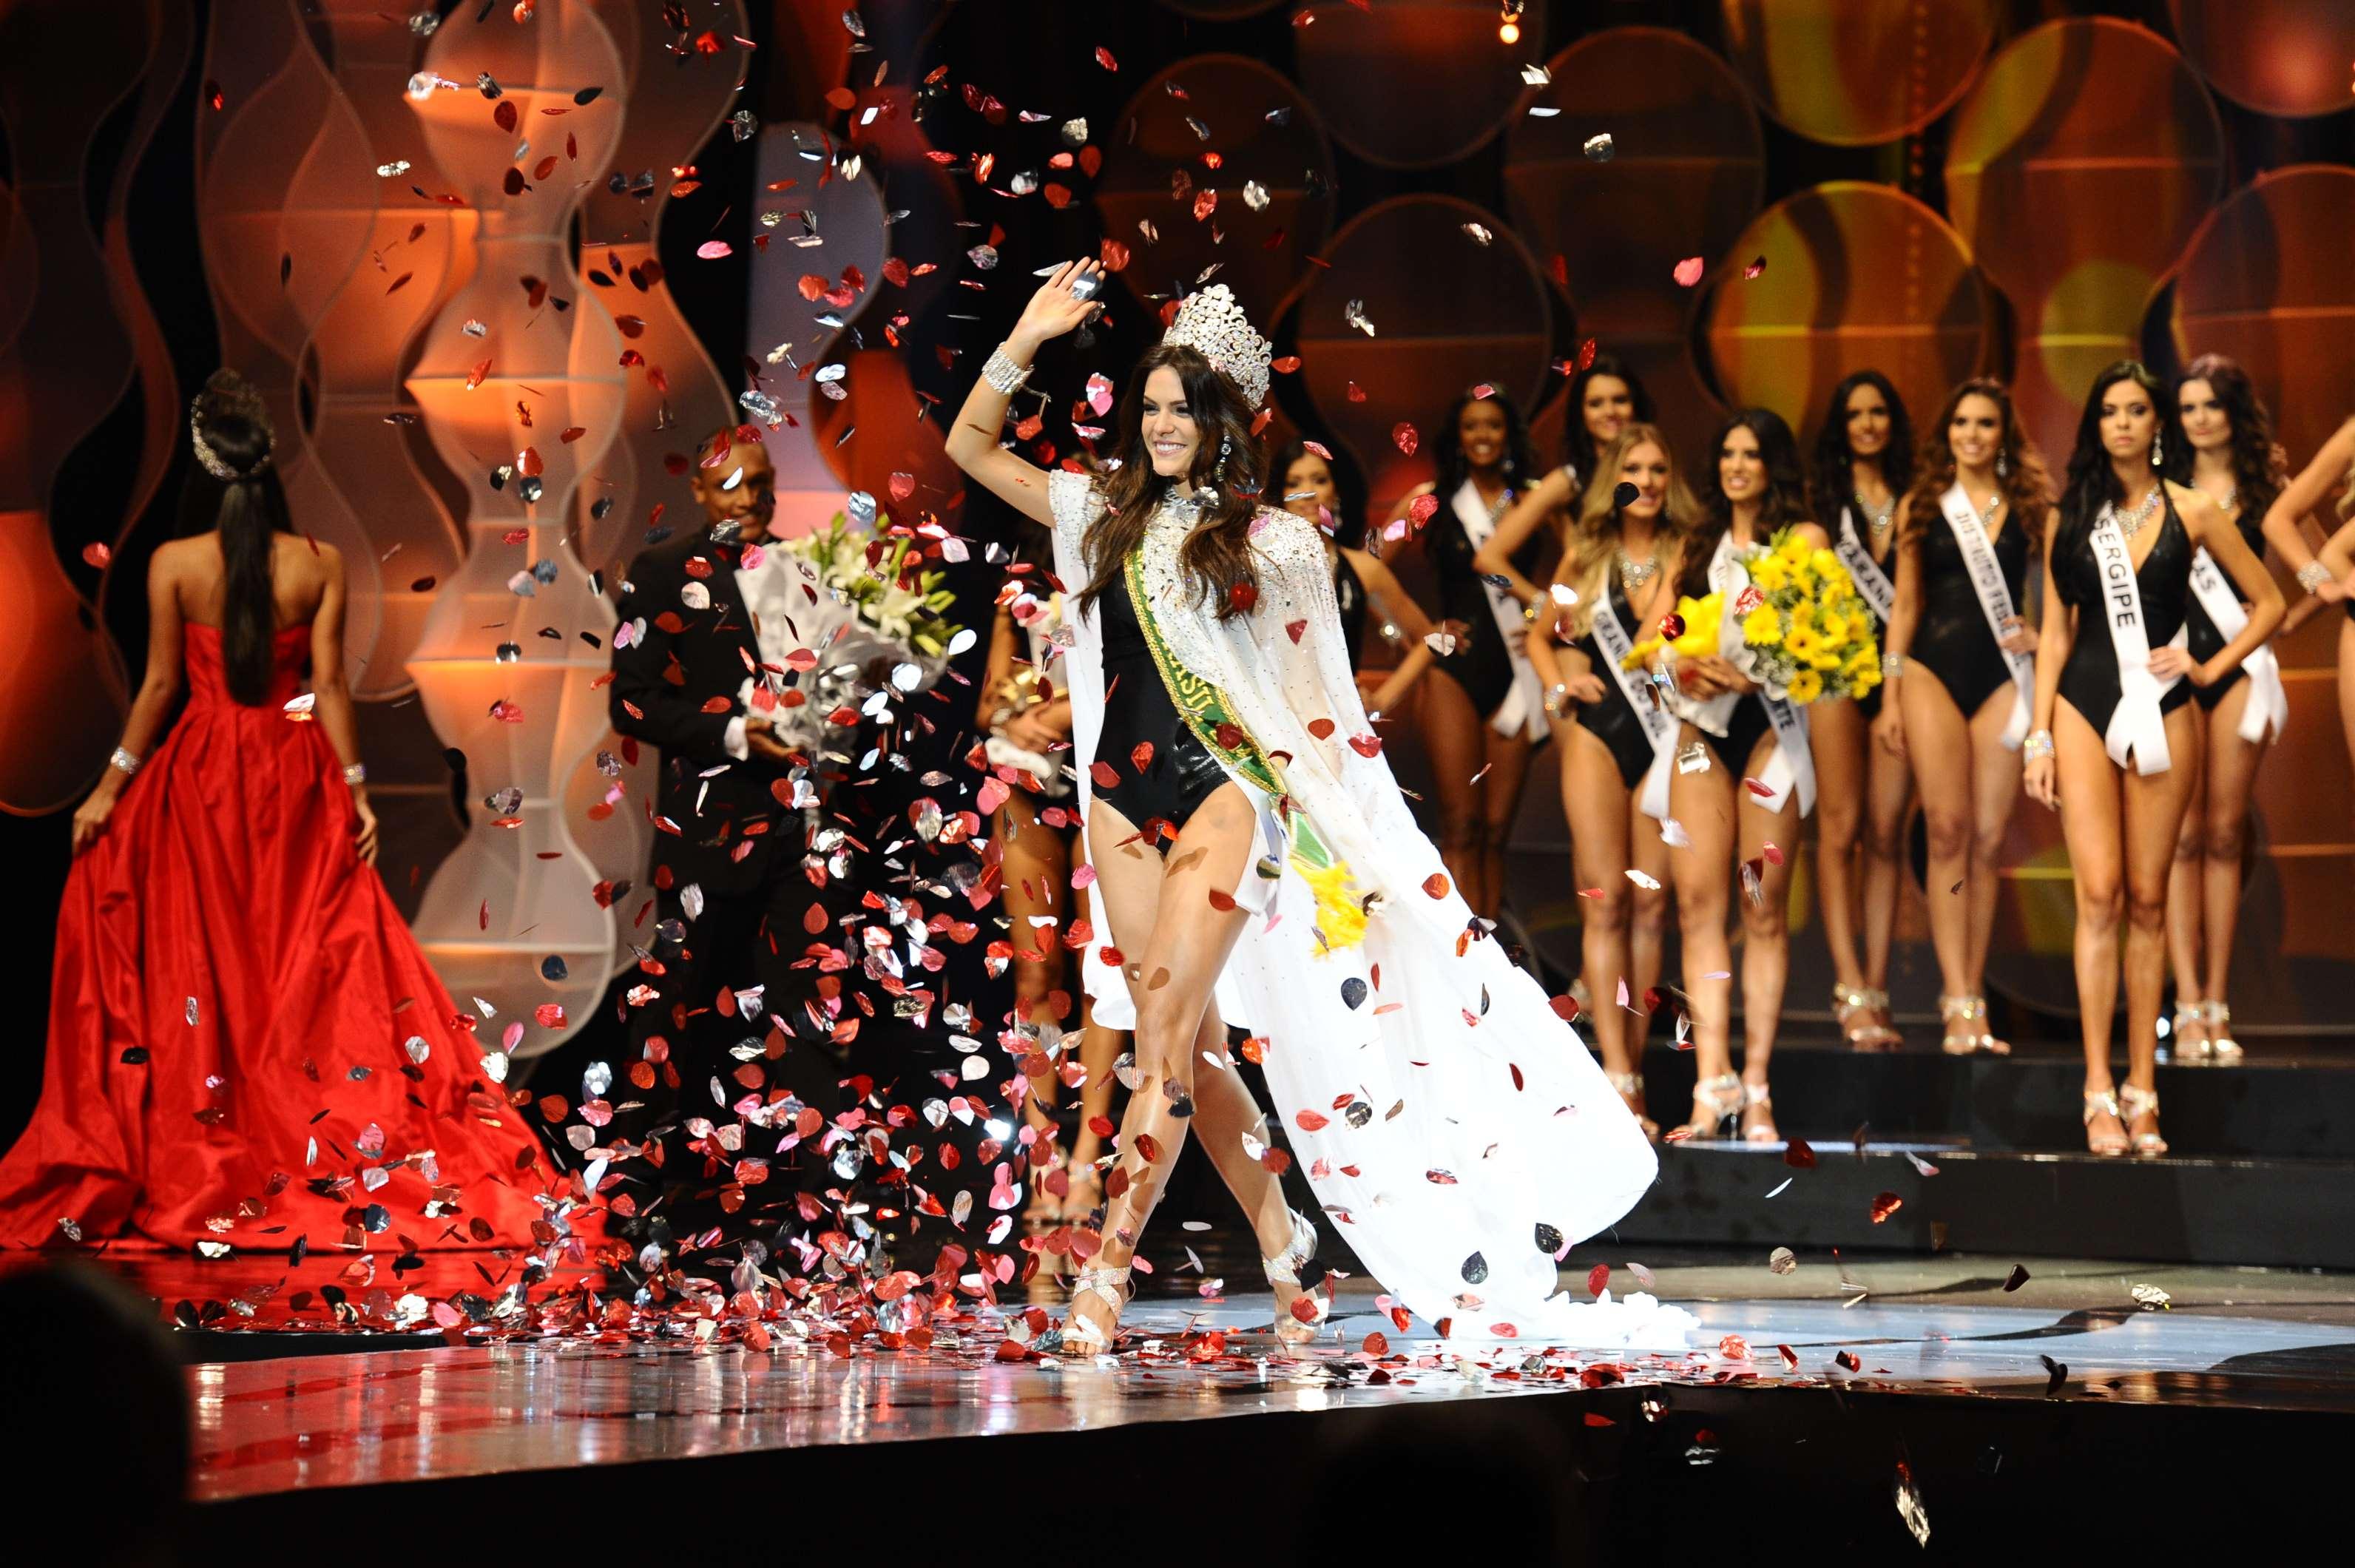 Melissa Gurgel, do Ceará, conquistou o título de Miss Brasil 2014, na madrugada deste domingo (28), e representará o País no Miss Universo, em Miami Foto: Lucas Ismael/Divulgação